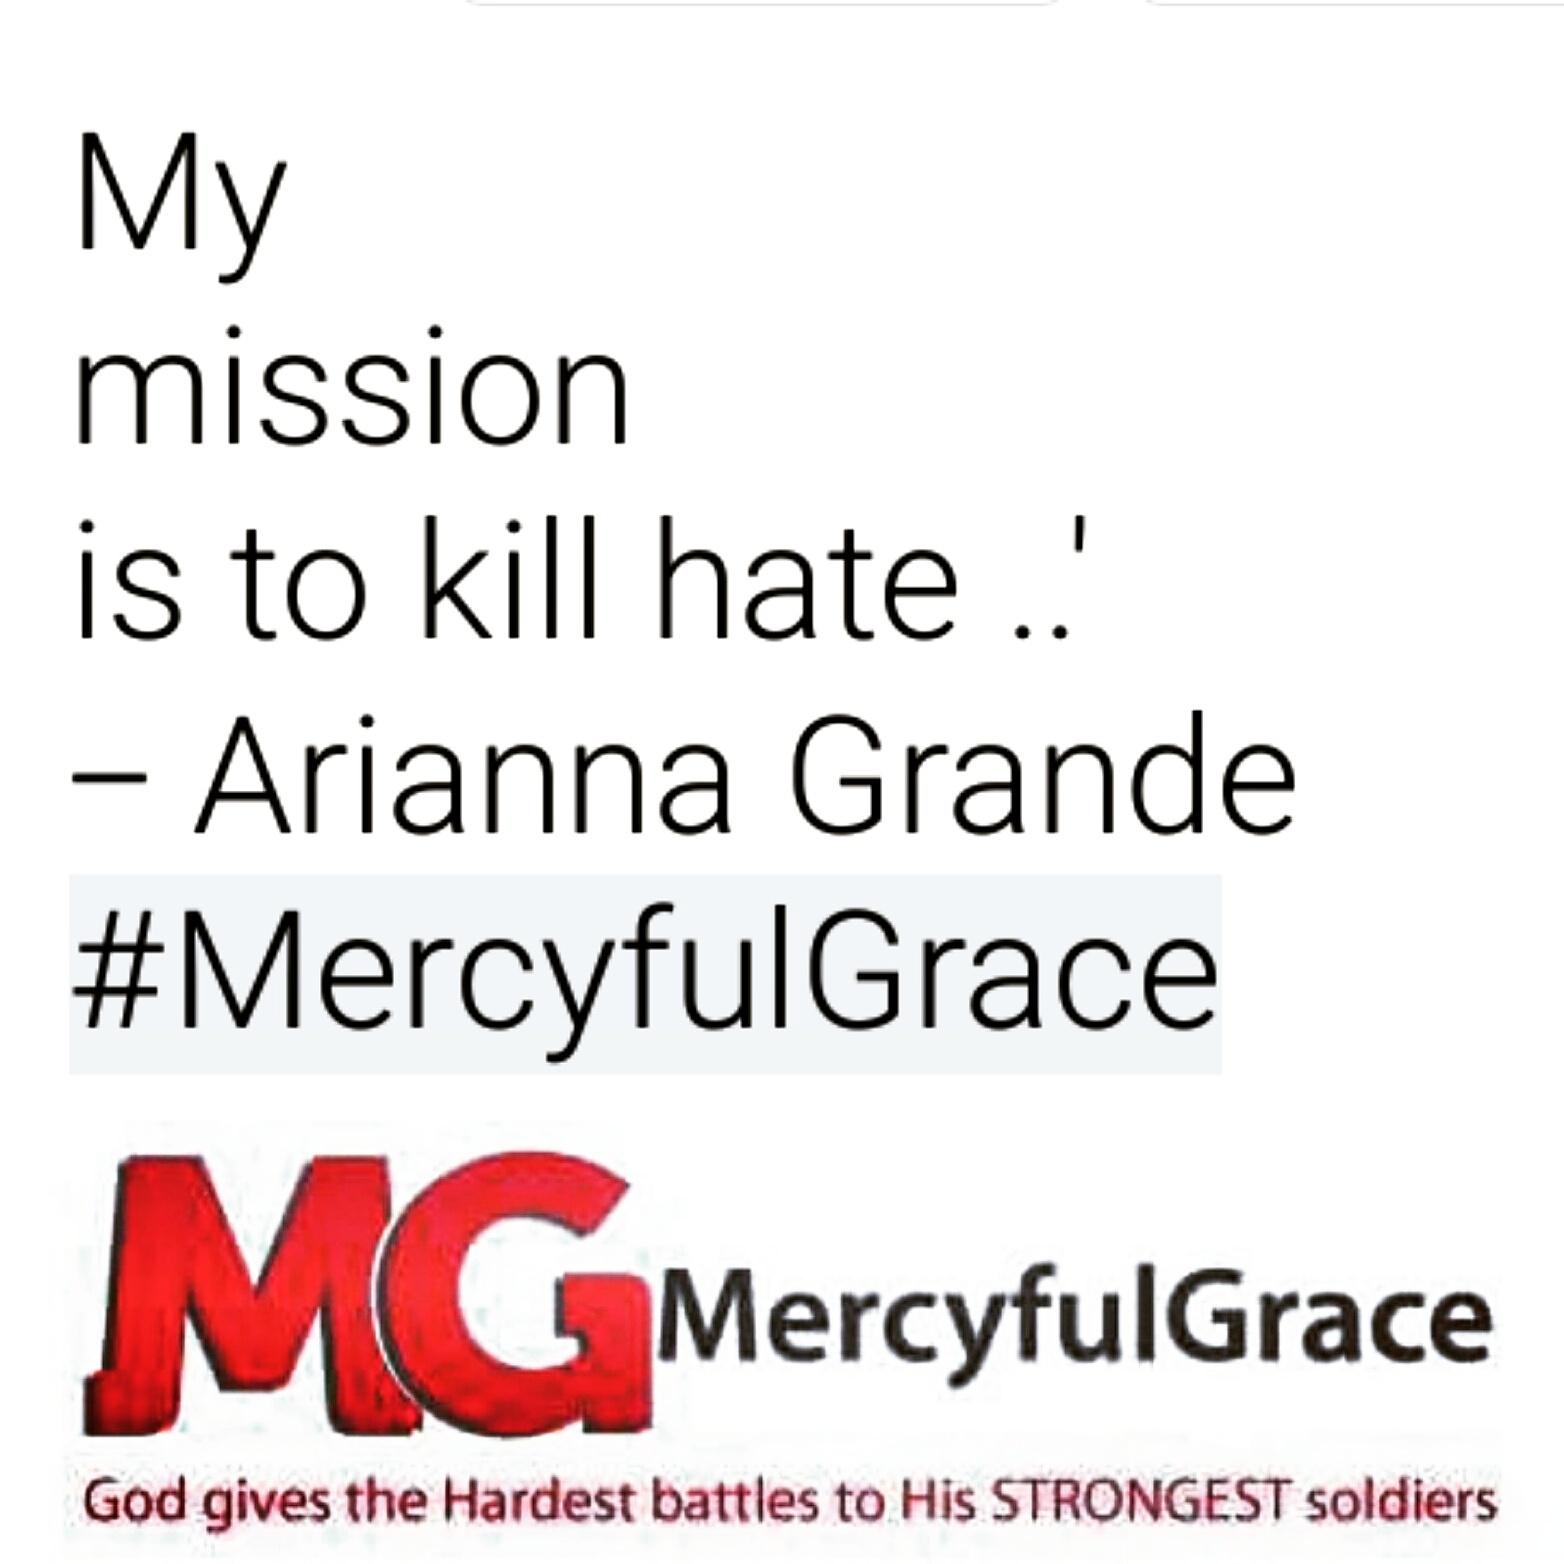 ARIANNA GRANDE - MercyfulGrace